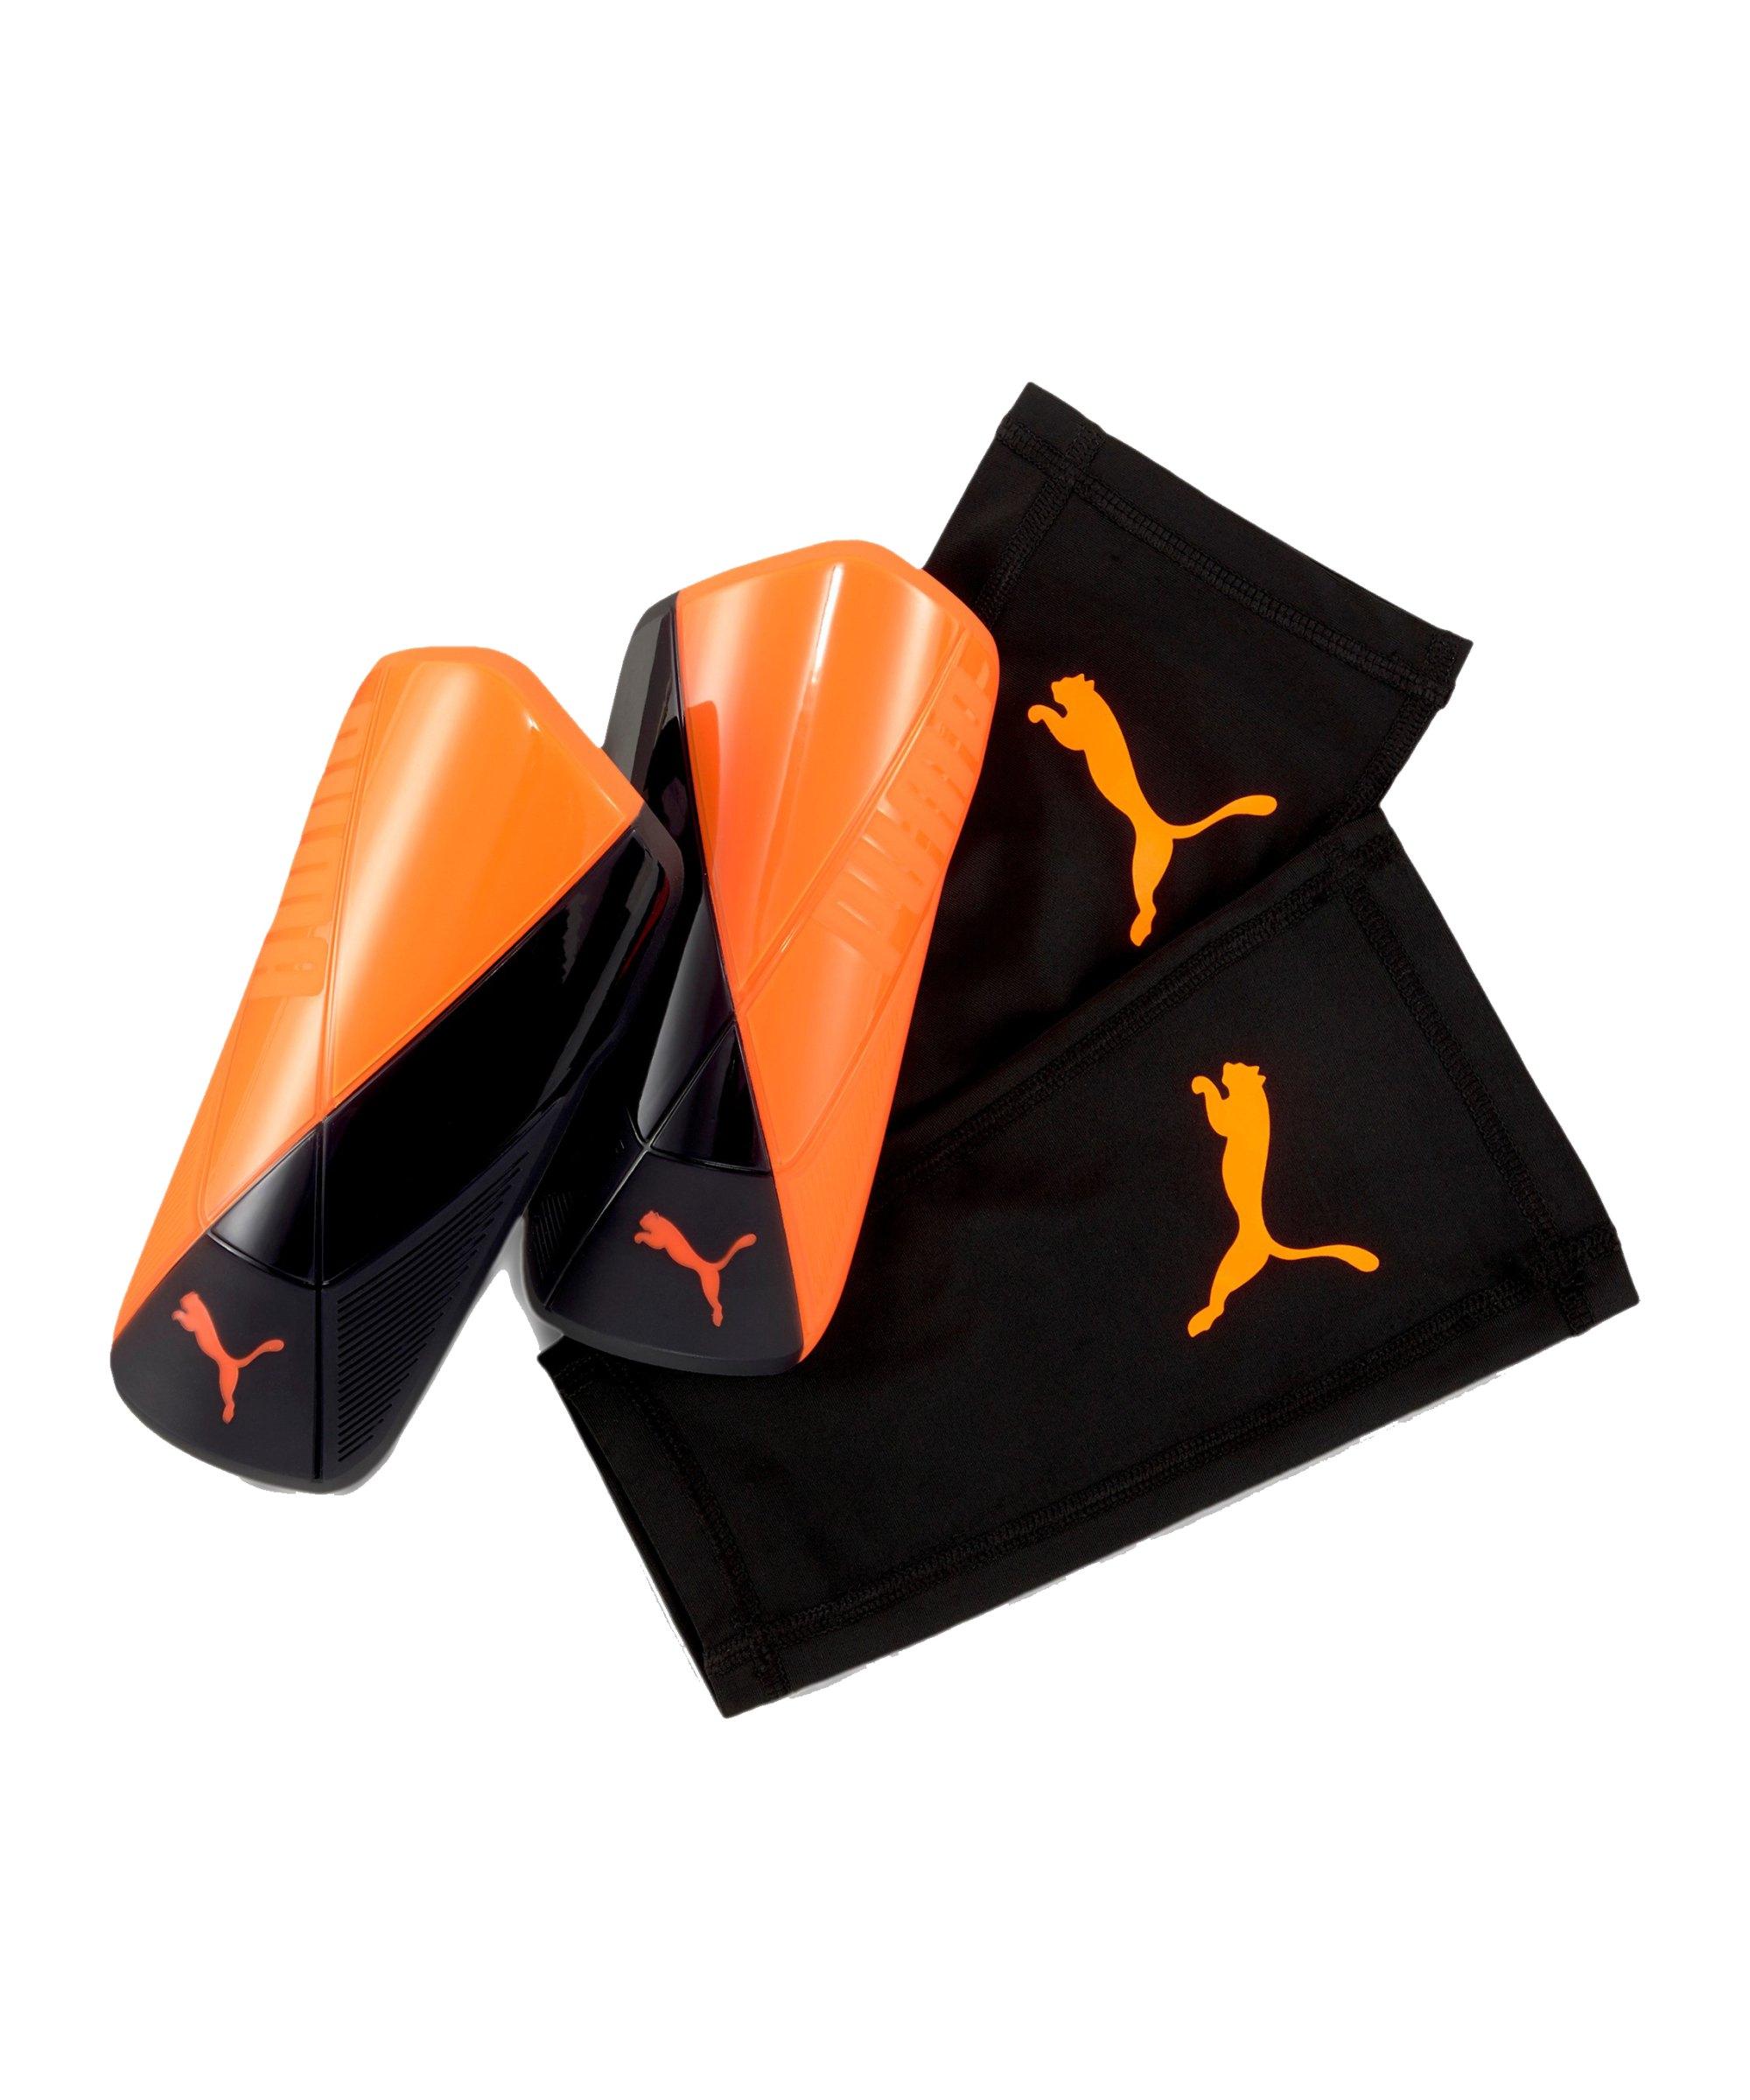 PUMA ftblNXT ST Chasing Adrenalin Schienbeinschoner Orange F06 - orange